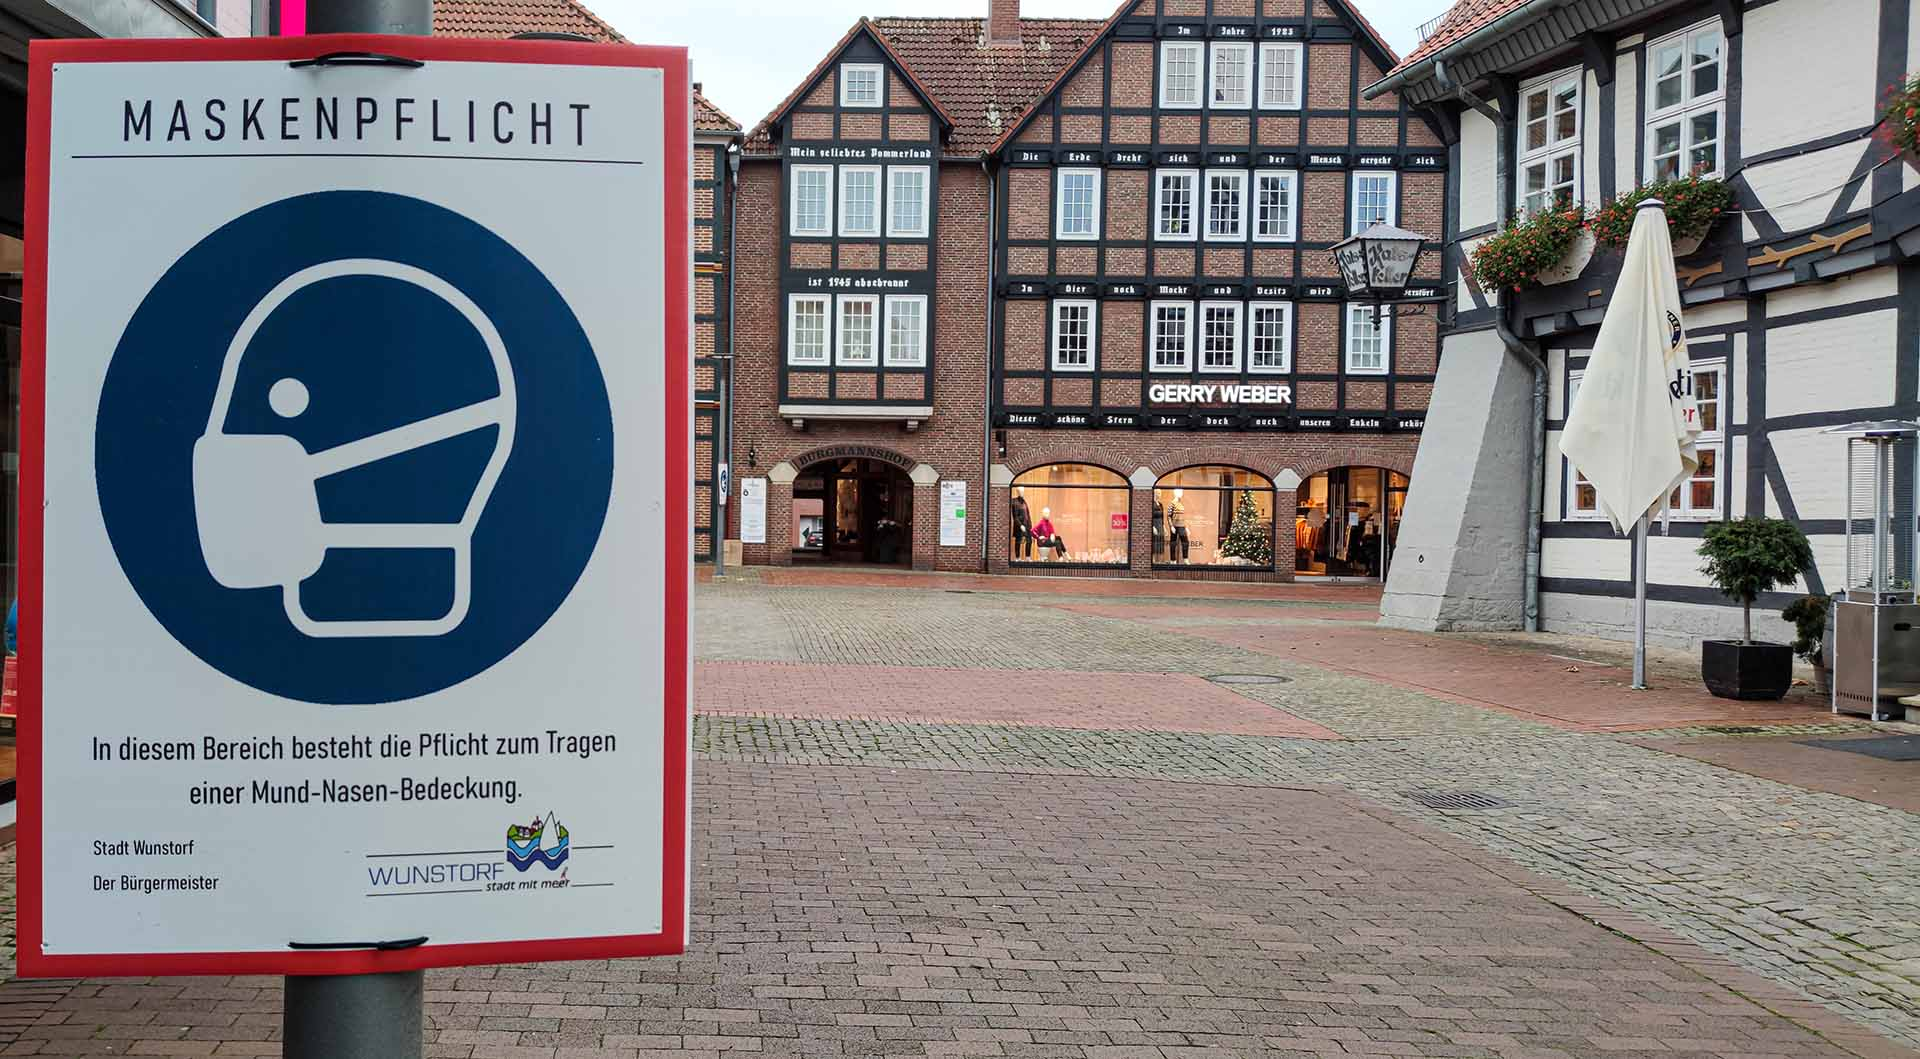 Maskenpflicht in der Fußgängerzone Wunstorf